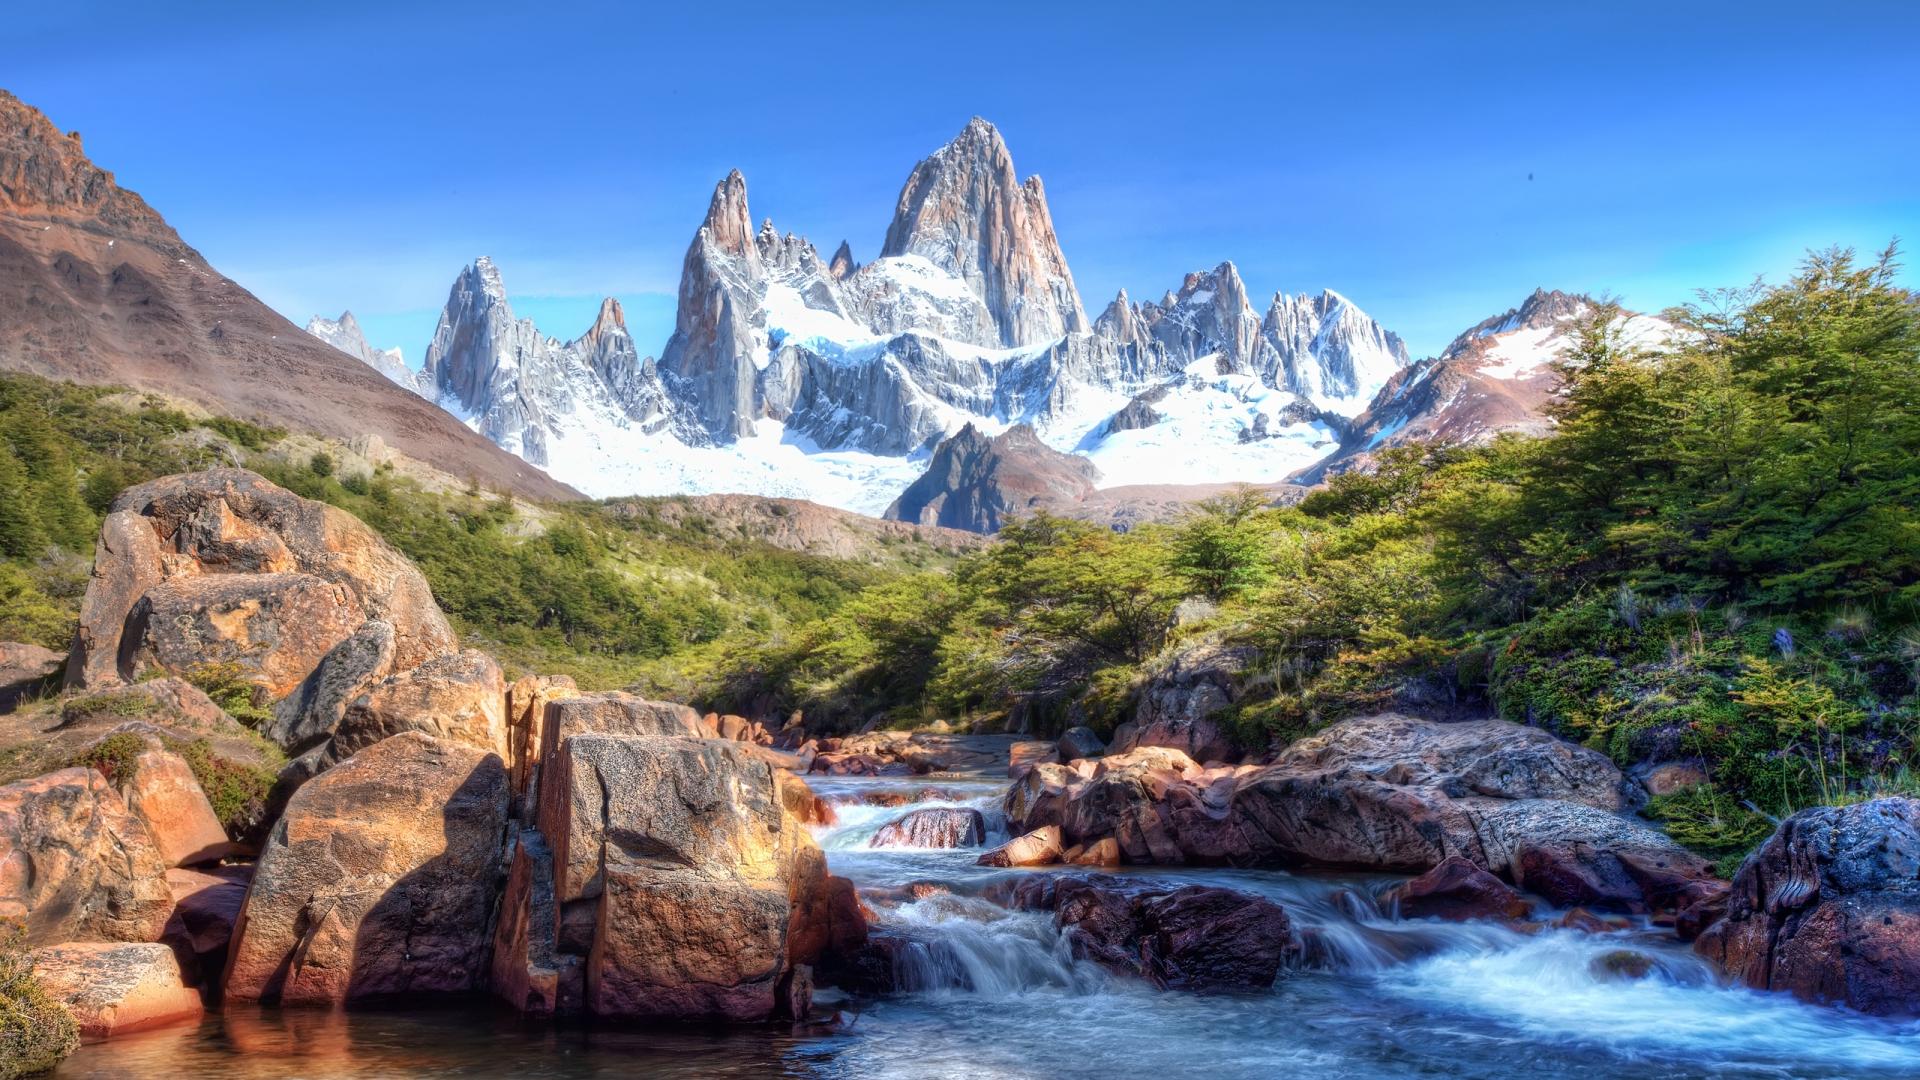 HD Mountain 1080p Wallpaper 1920x1080